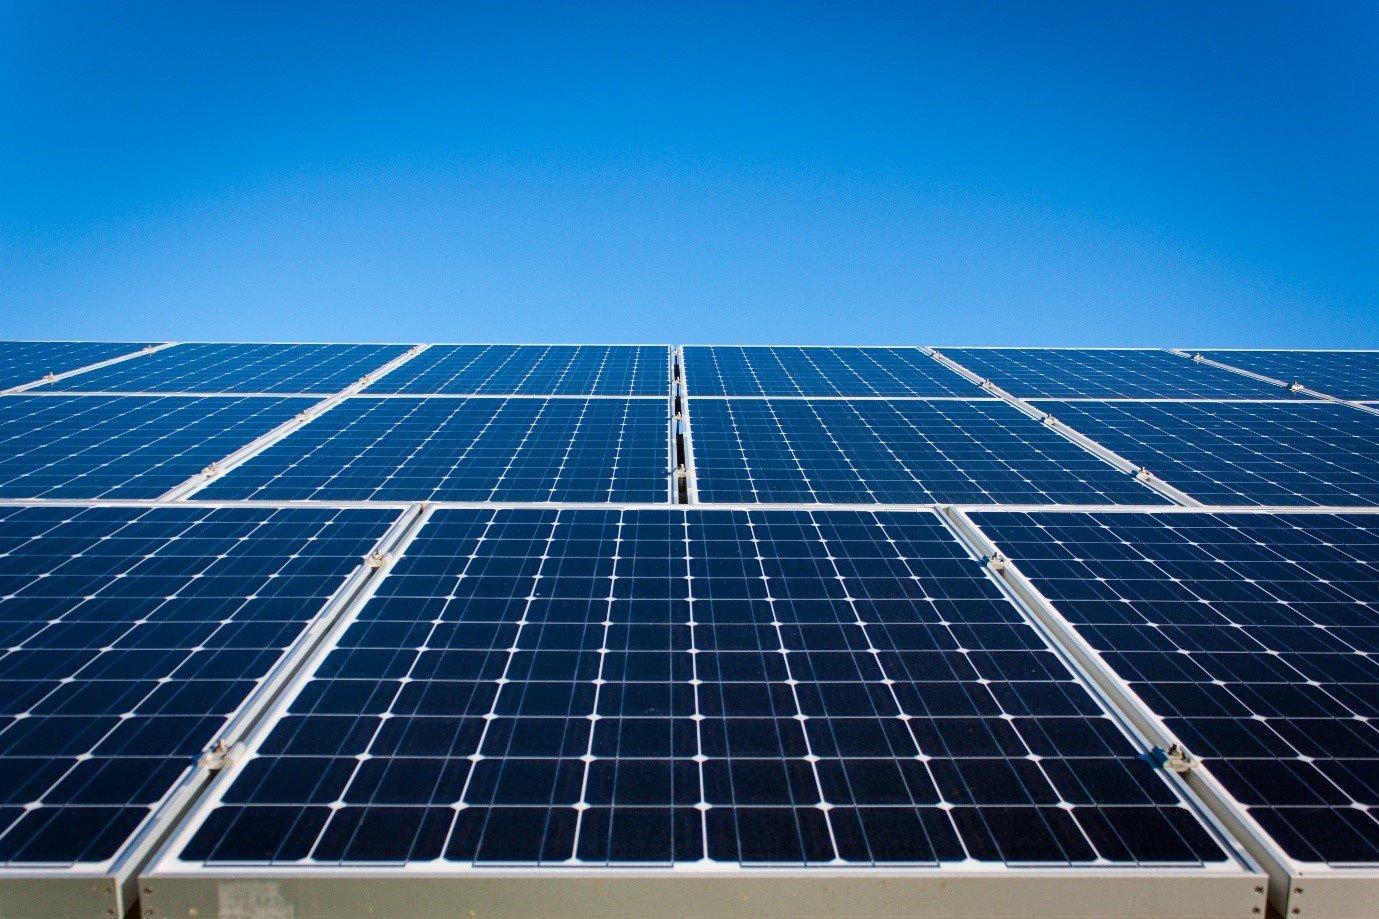 Tarkett Blog - Duurzaamheid afbeelding zonnepanelen